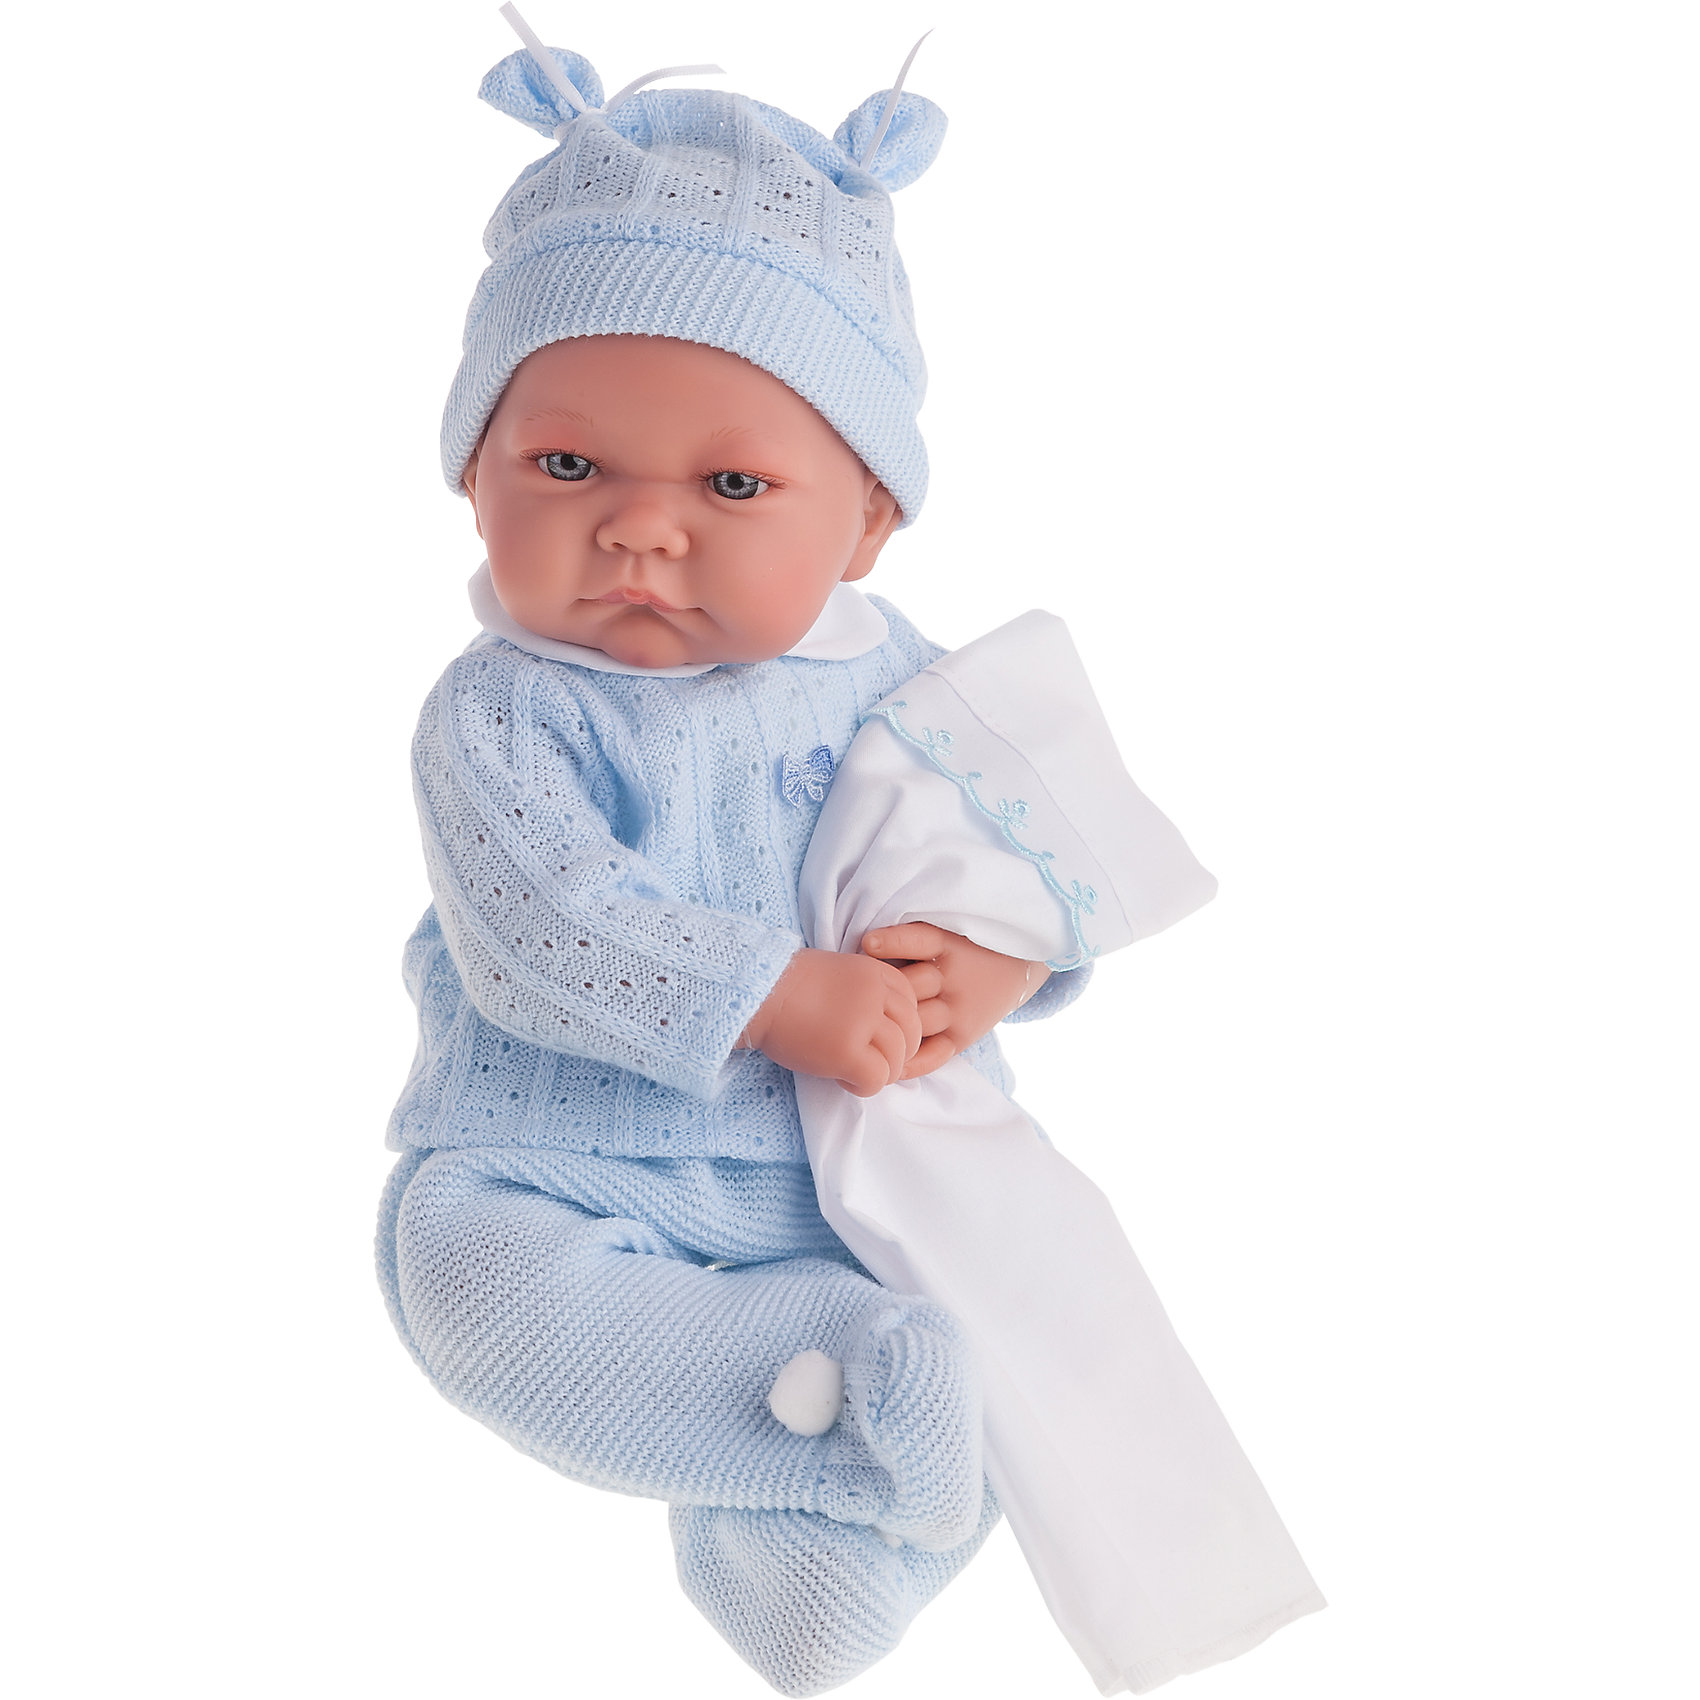 Кукла Ника в голубом, озвученная, 40 см, Munecas Antonio JuanКлассические куклы<br>Характеристики товара:<br><br>• возраст: от 3 лет;<br>• материал: винил, текстиль;<br>• в комплекте: кукла, костюм, шапочка;<br>• высота куклы: 40 см;<br>• размер упаковки: 47х26х16 см;<br>• вес упаковки: 1,45 кг;<br>• страна производитель: Испания.<br><br>Кукла Ника в голубом Munecas Antonio Juan — очаровательный малыш с пухлыми щечками и выразительными глазками. Кукла одета в вязаный голубой костюмчик и шапочку. У куклы подвижные ручки и ножки. При нажатии на кнопку на животике куколка смеется и произносит «папа» и «мама».<br><br>Игра с куклой привьет девочке чувство заботы, помощи, ответственности и любви. Кукла выполнена из качественных безопасных материалов.<br><br>Куклу Нику в голубом Munecas Antonio Juan можно приобрести в нашем интернет-магазине.<br><br>Ширина мм: 550<br>Глубина мм: 265<br>Высота мм: 160<br>Вес г: 1650<br>Возраст от месяцев: 36<br>Возраст до месяцев: 2147483647<br>Пол: Женский<br>Возраст: Детский<br>SKU: 5364641